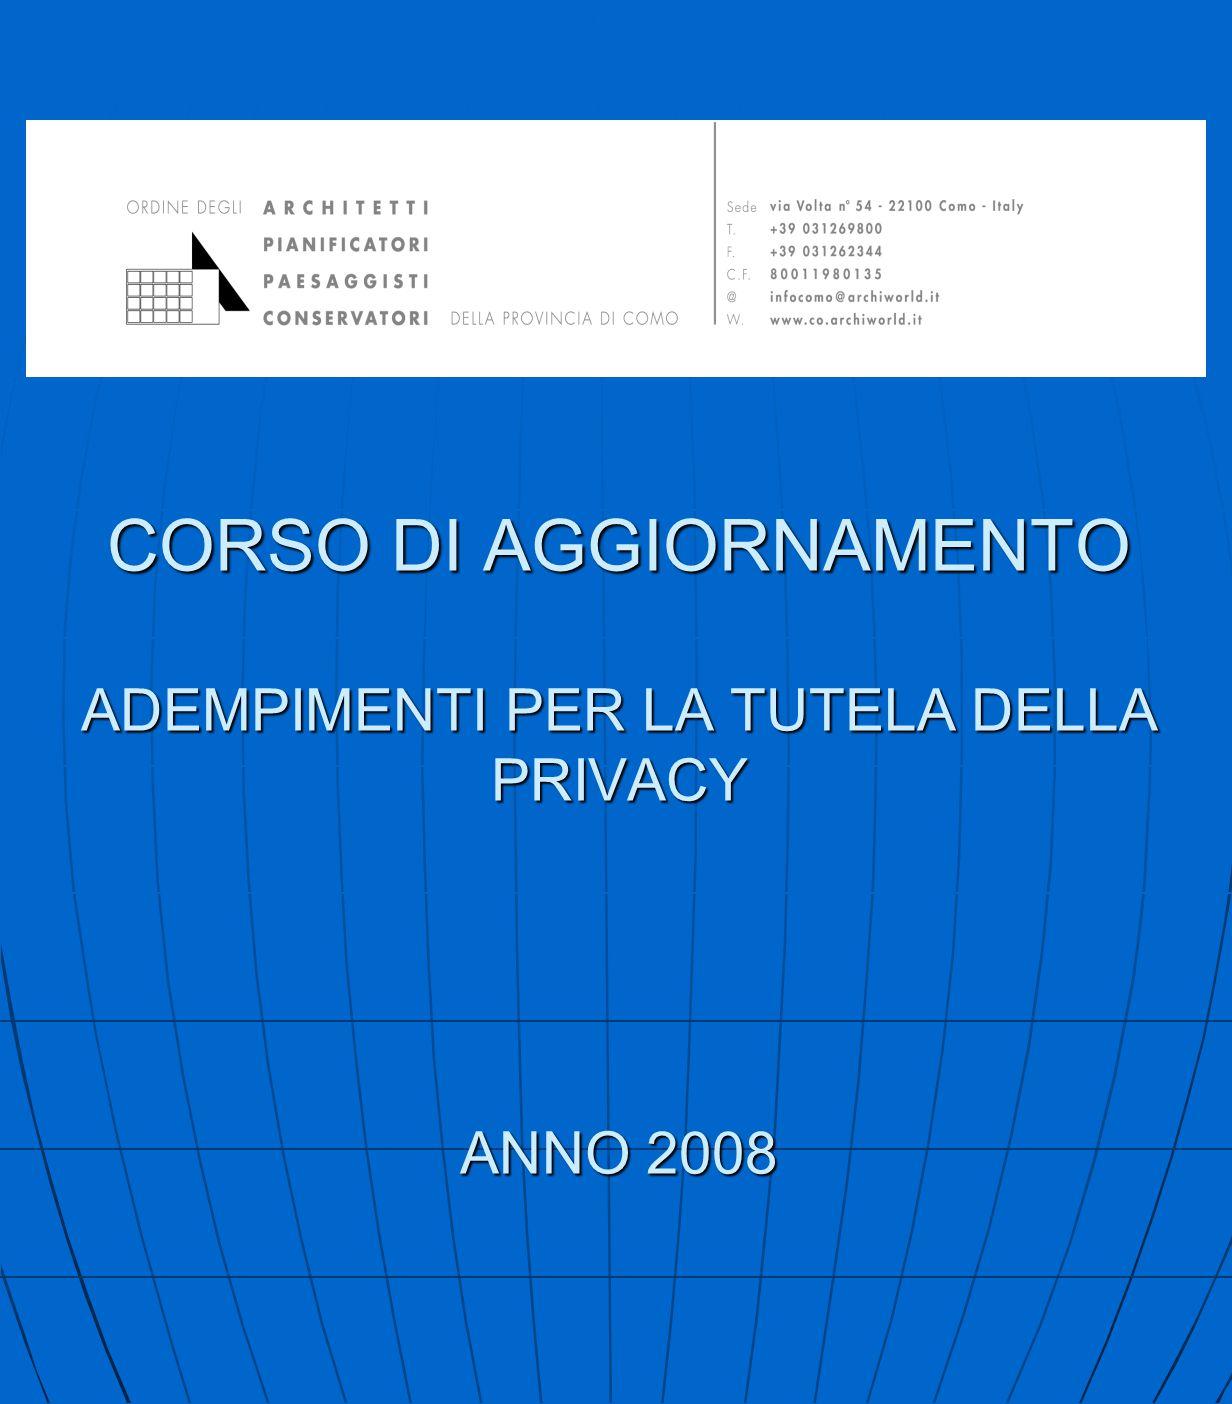 CORSO DI AGGIORNAMENTO ADEMPIMENTI PER LA TUTELA DELLA PRIVACY ANNO 2008